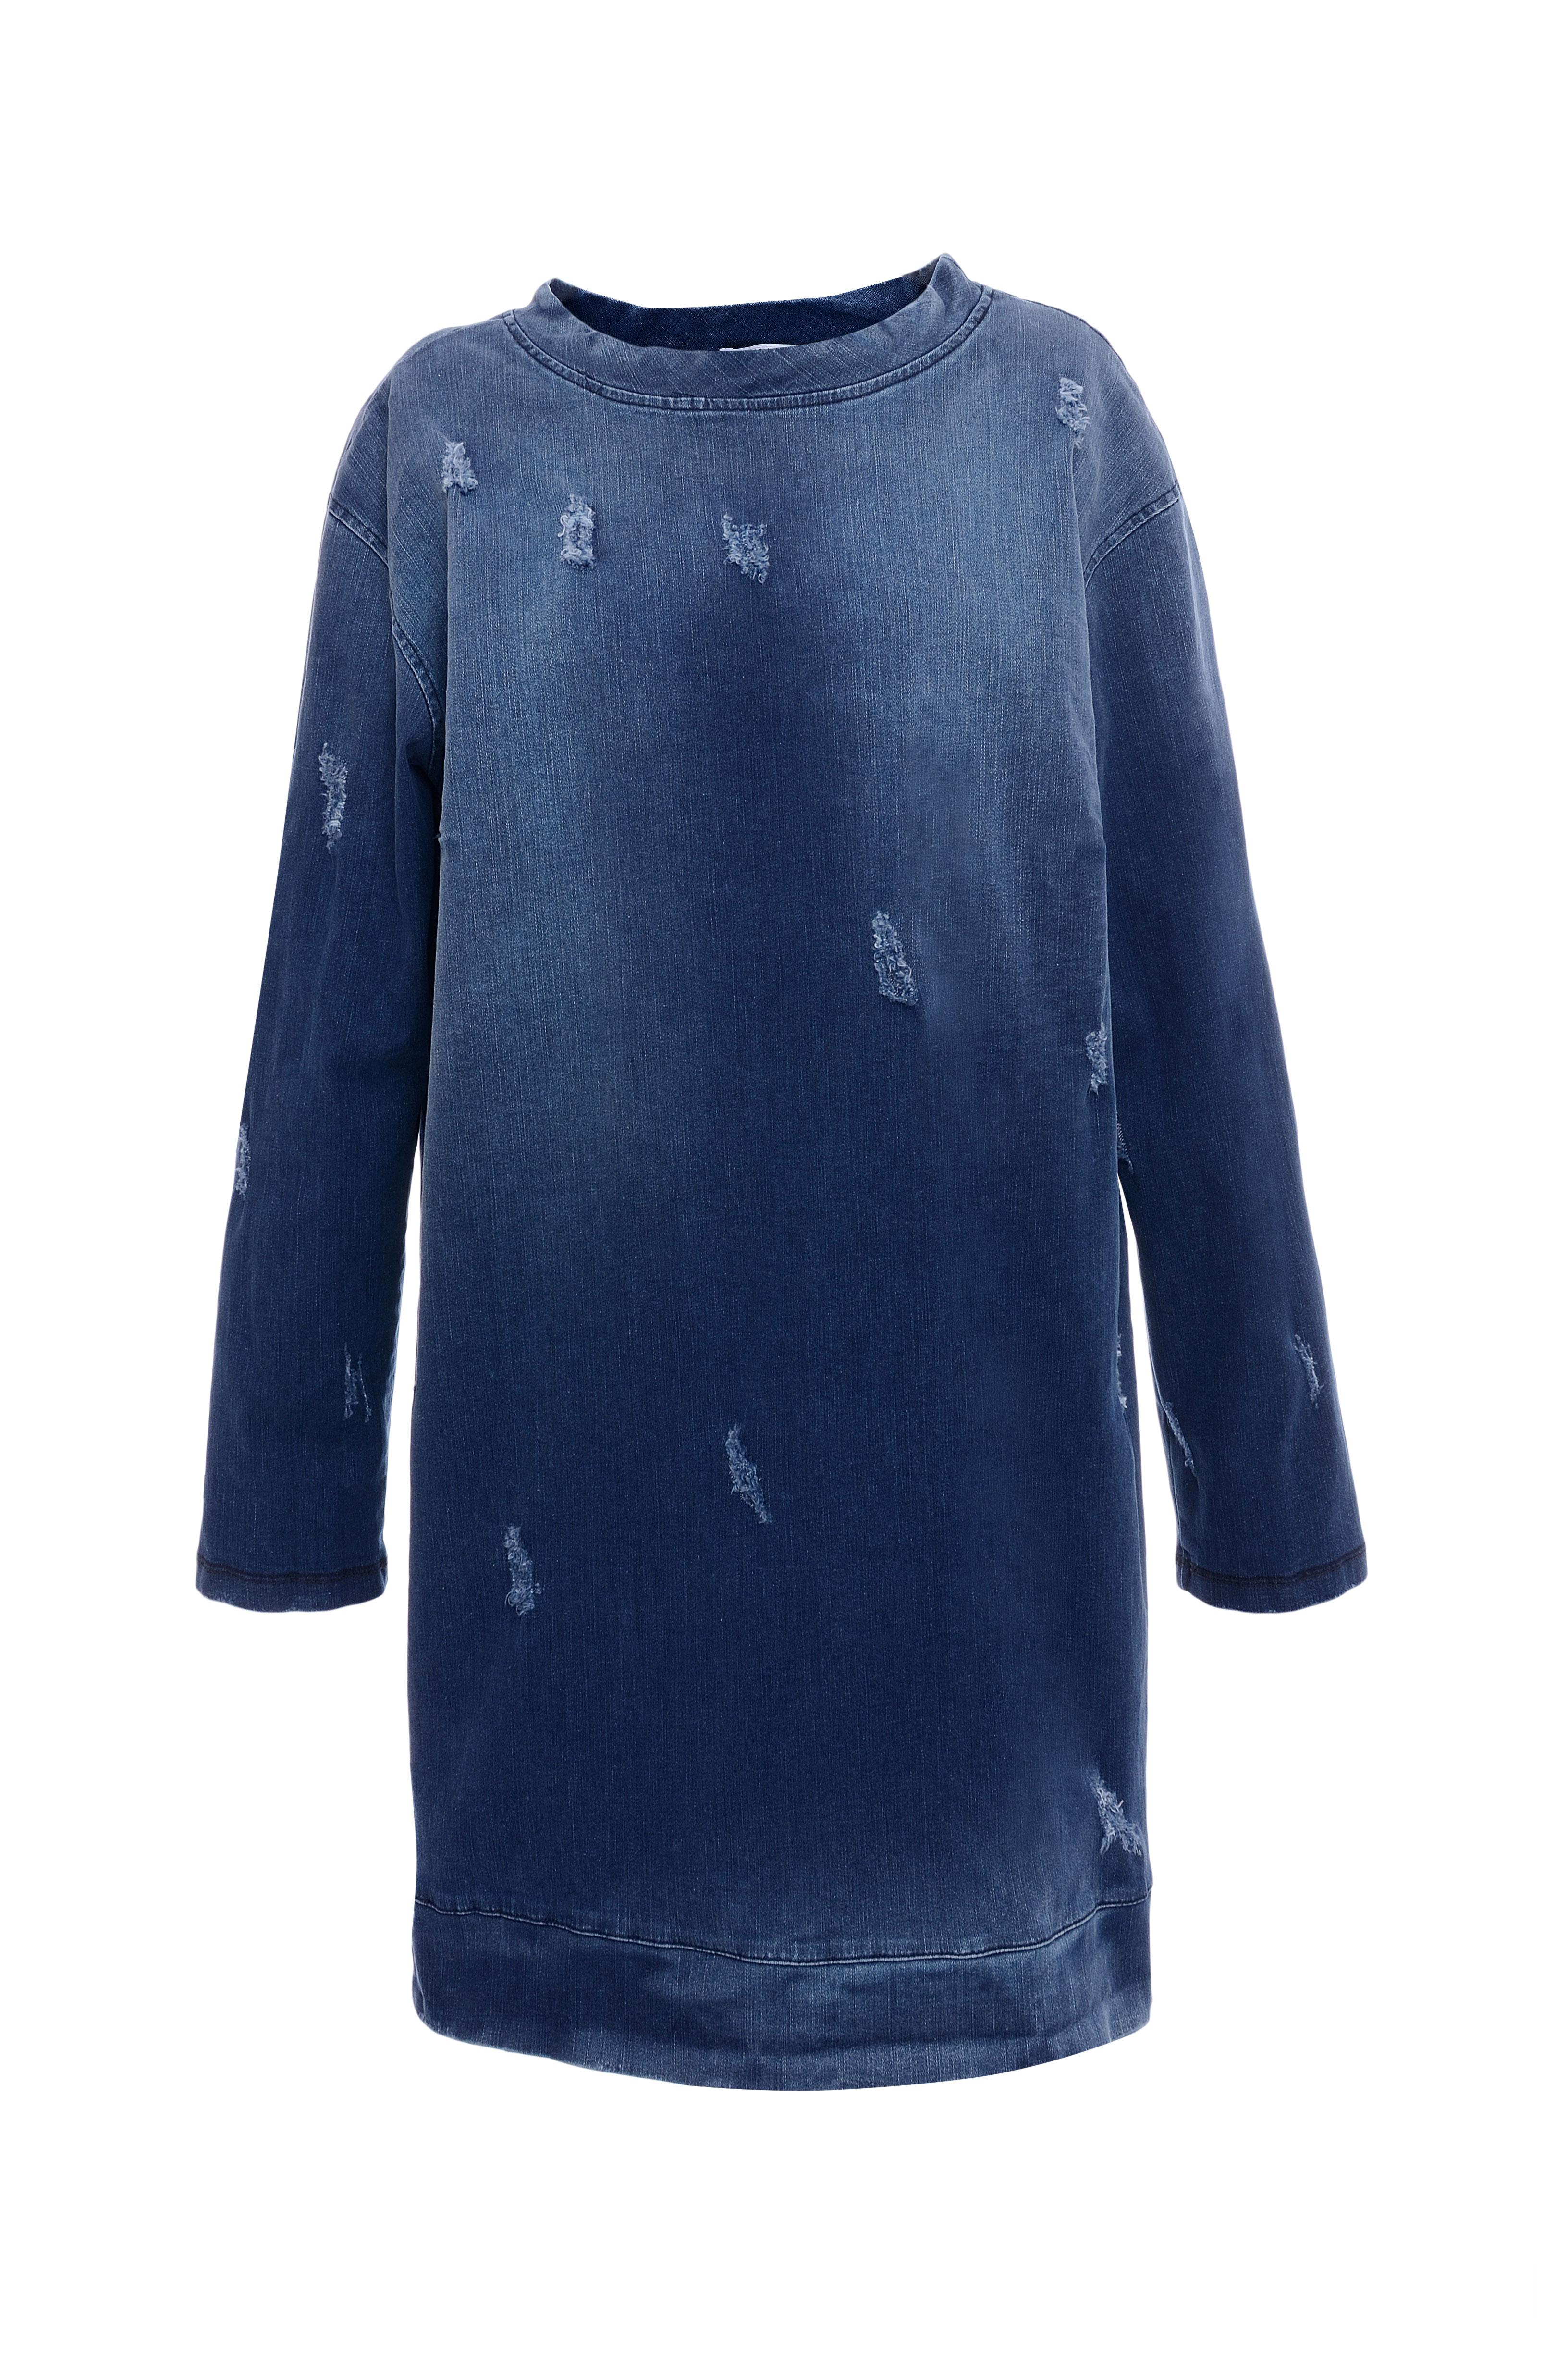 Sukienka - 17-14138 JEAN - Unisono